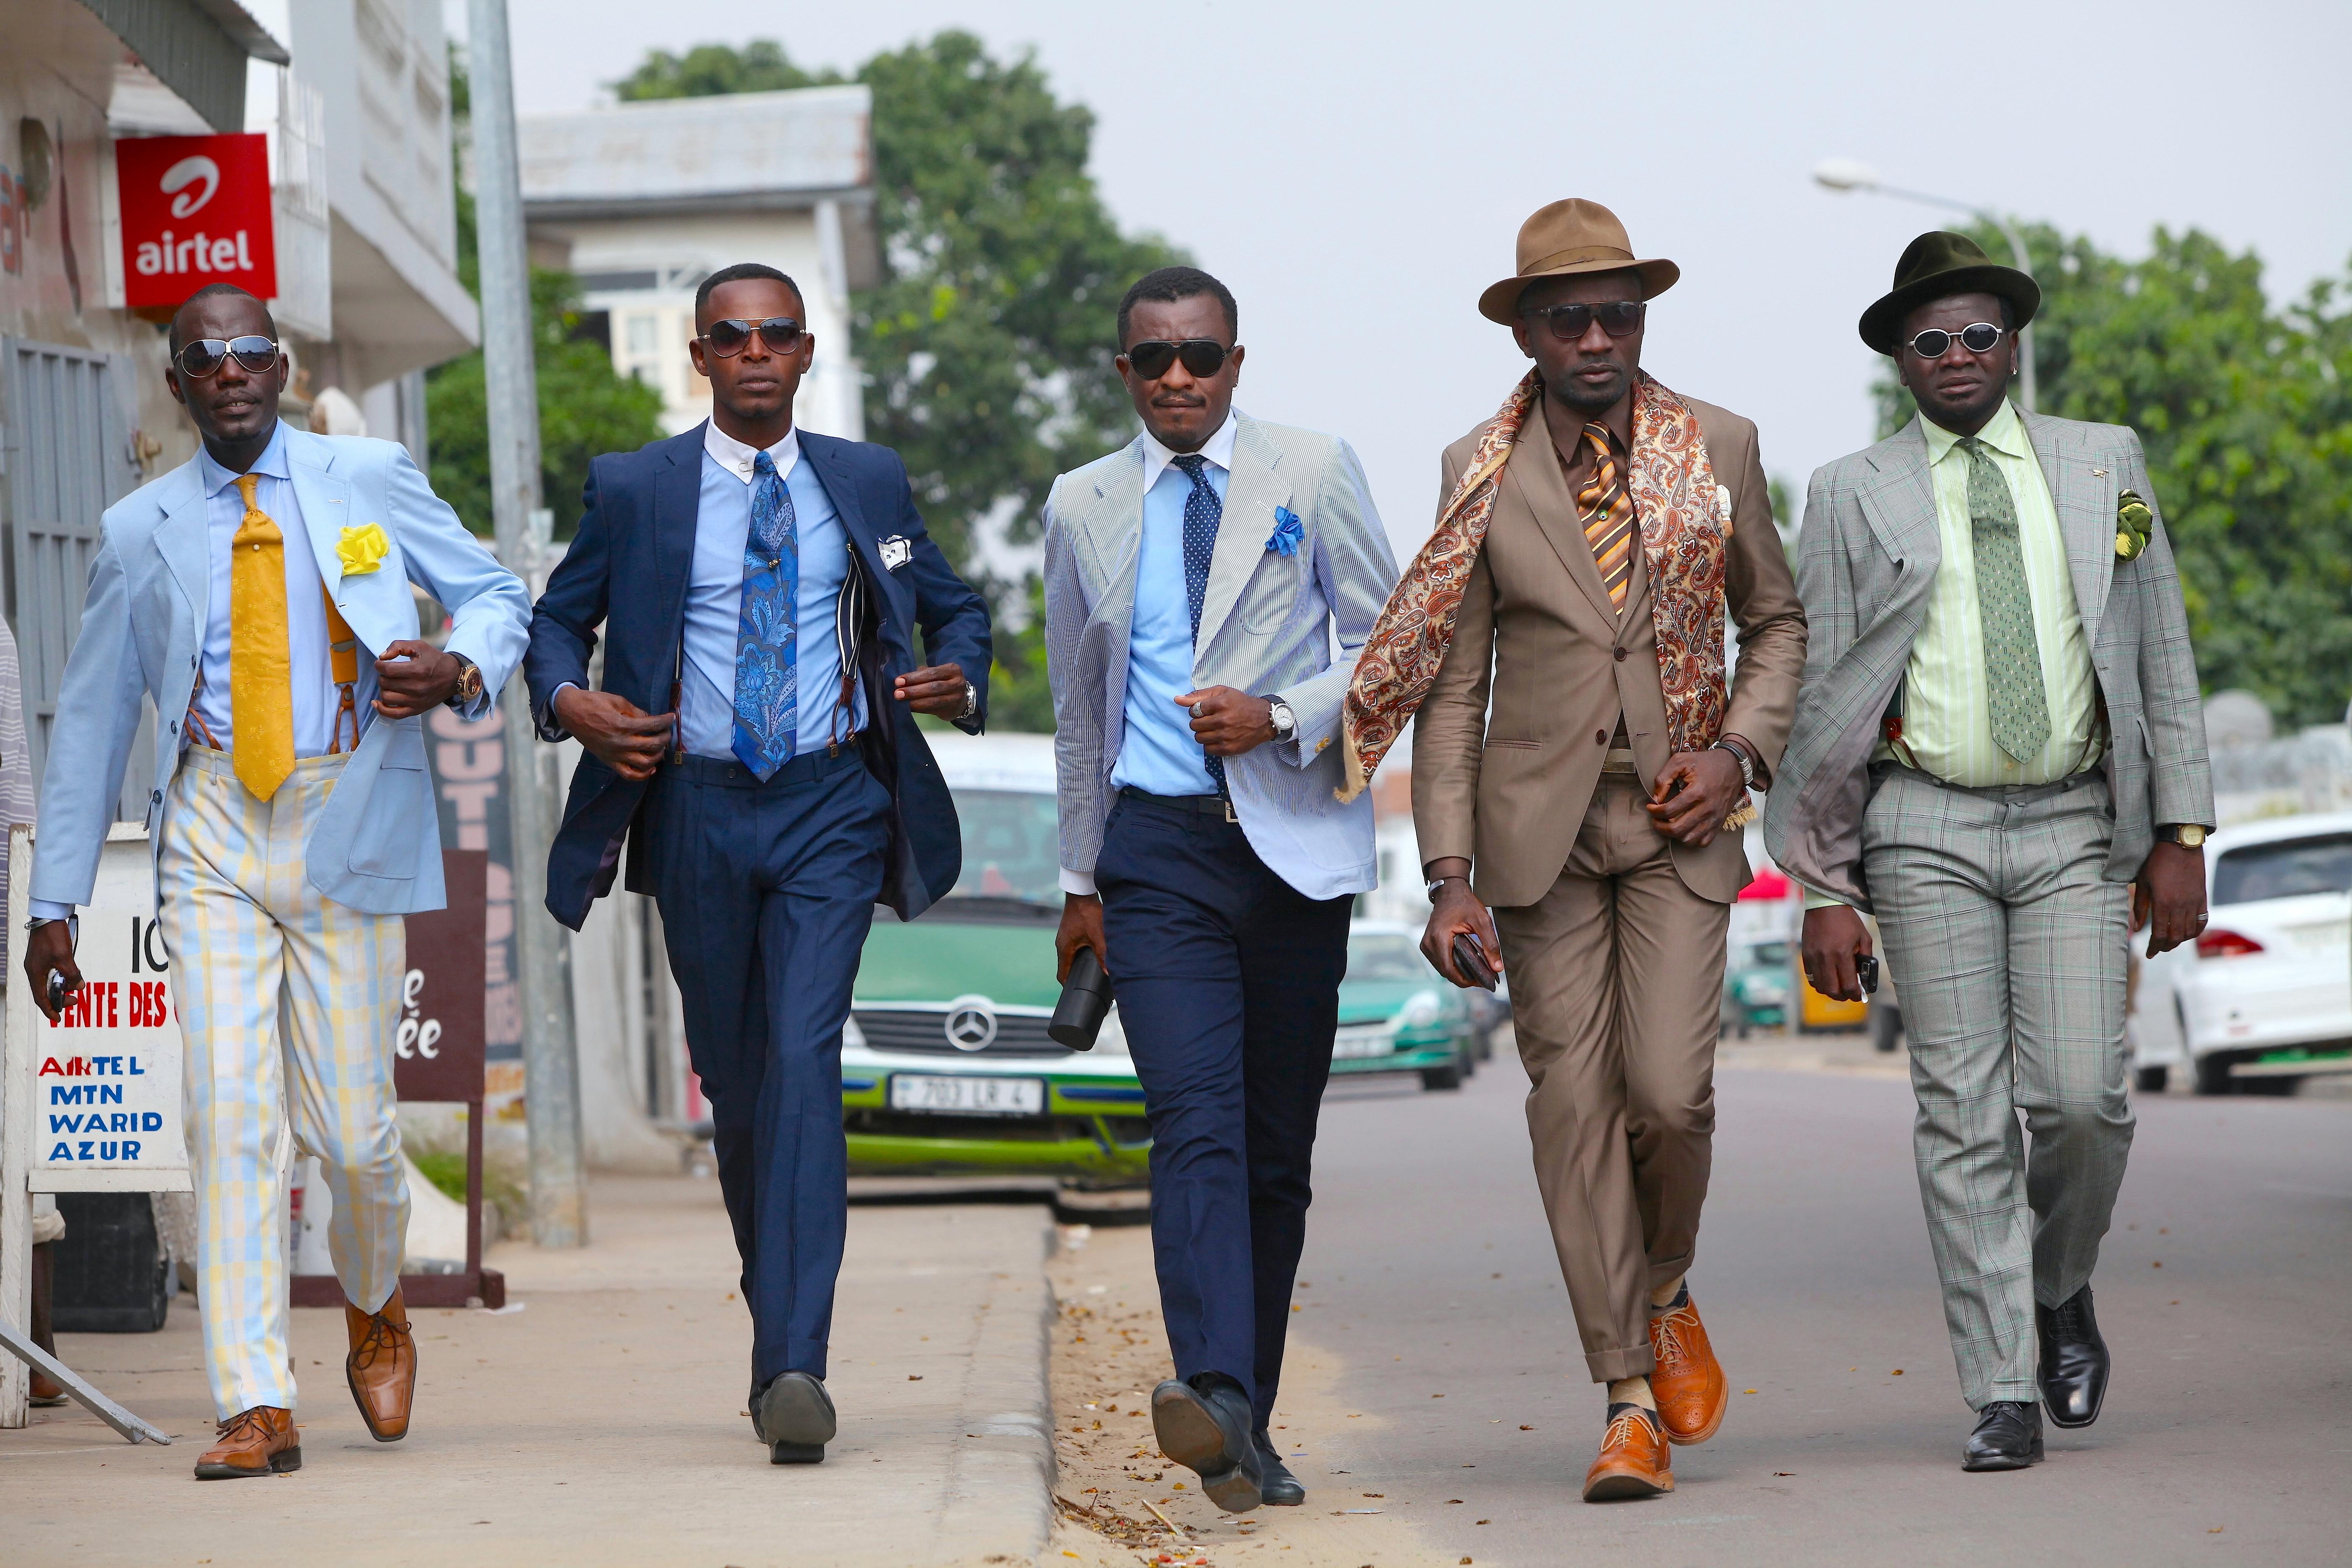 コンゴのオシャレなジェントルマン「SAPEURモデル」発表 | NEWSCAST